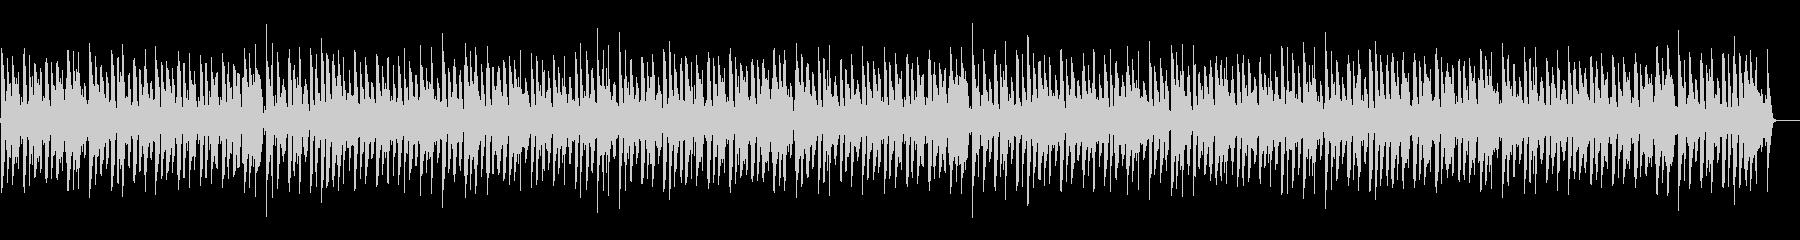 ほのぼの脱力系「ジングルベル」の未再生の波形